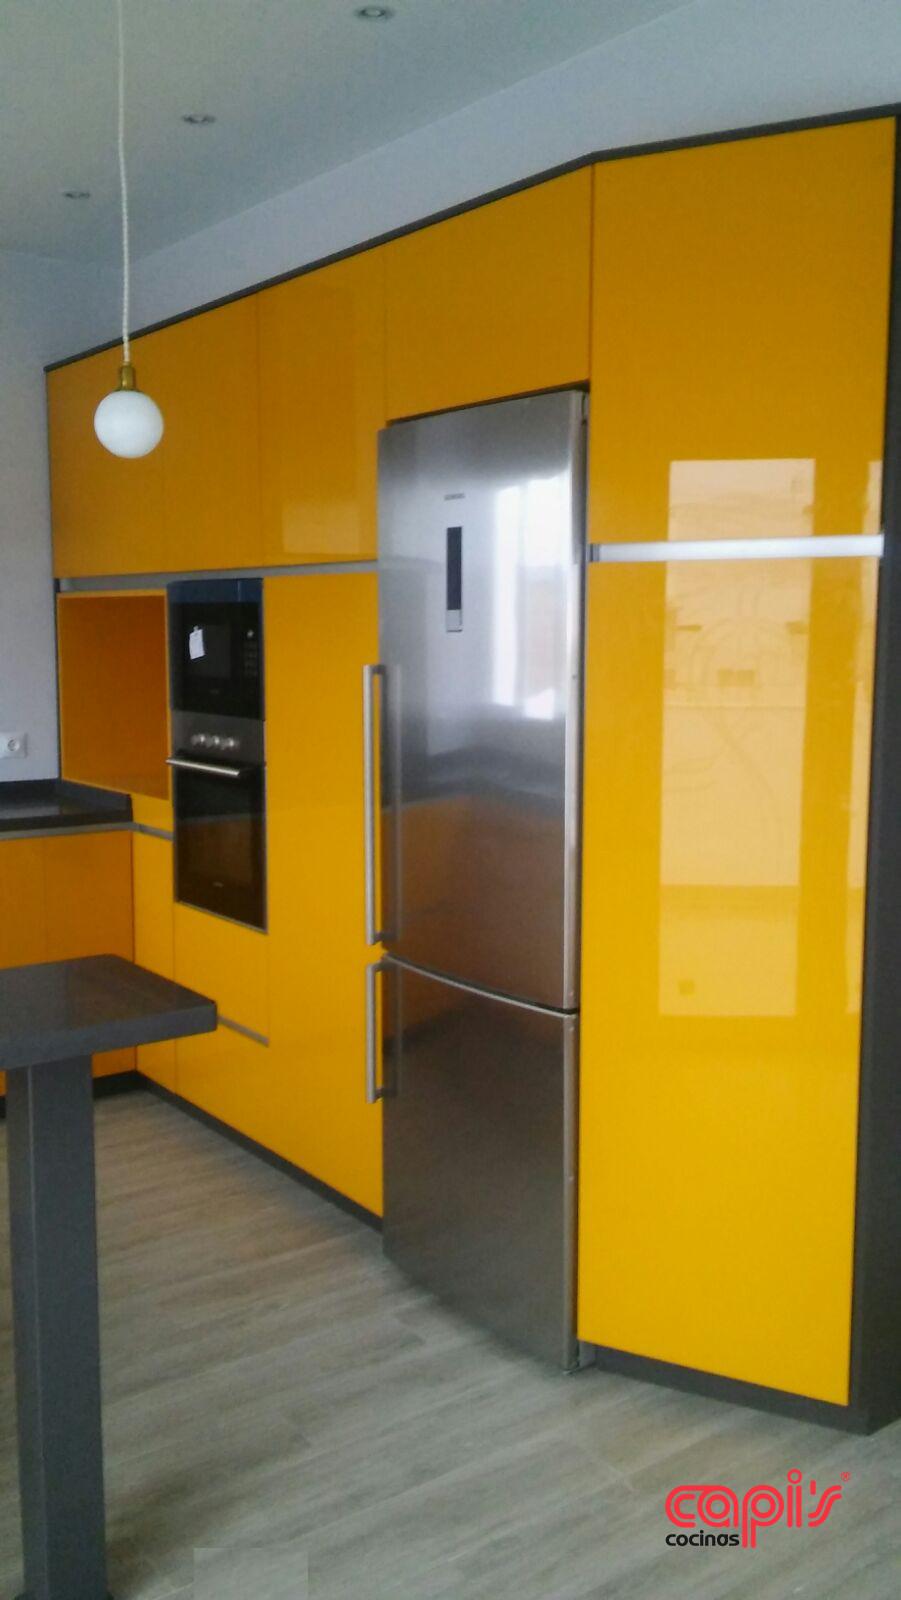 Cocina en mostaza vibrante cocinas capis dise o y for Configurador de cocinas